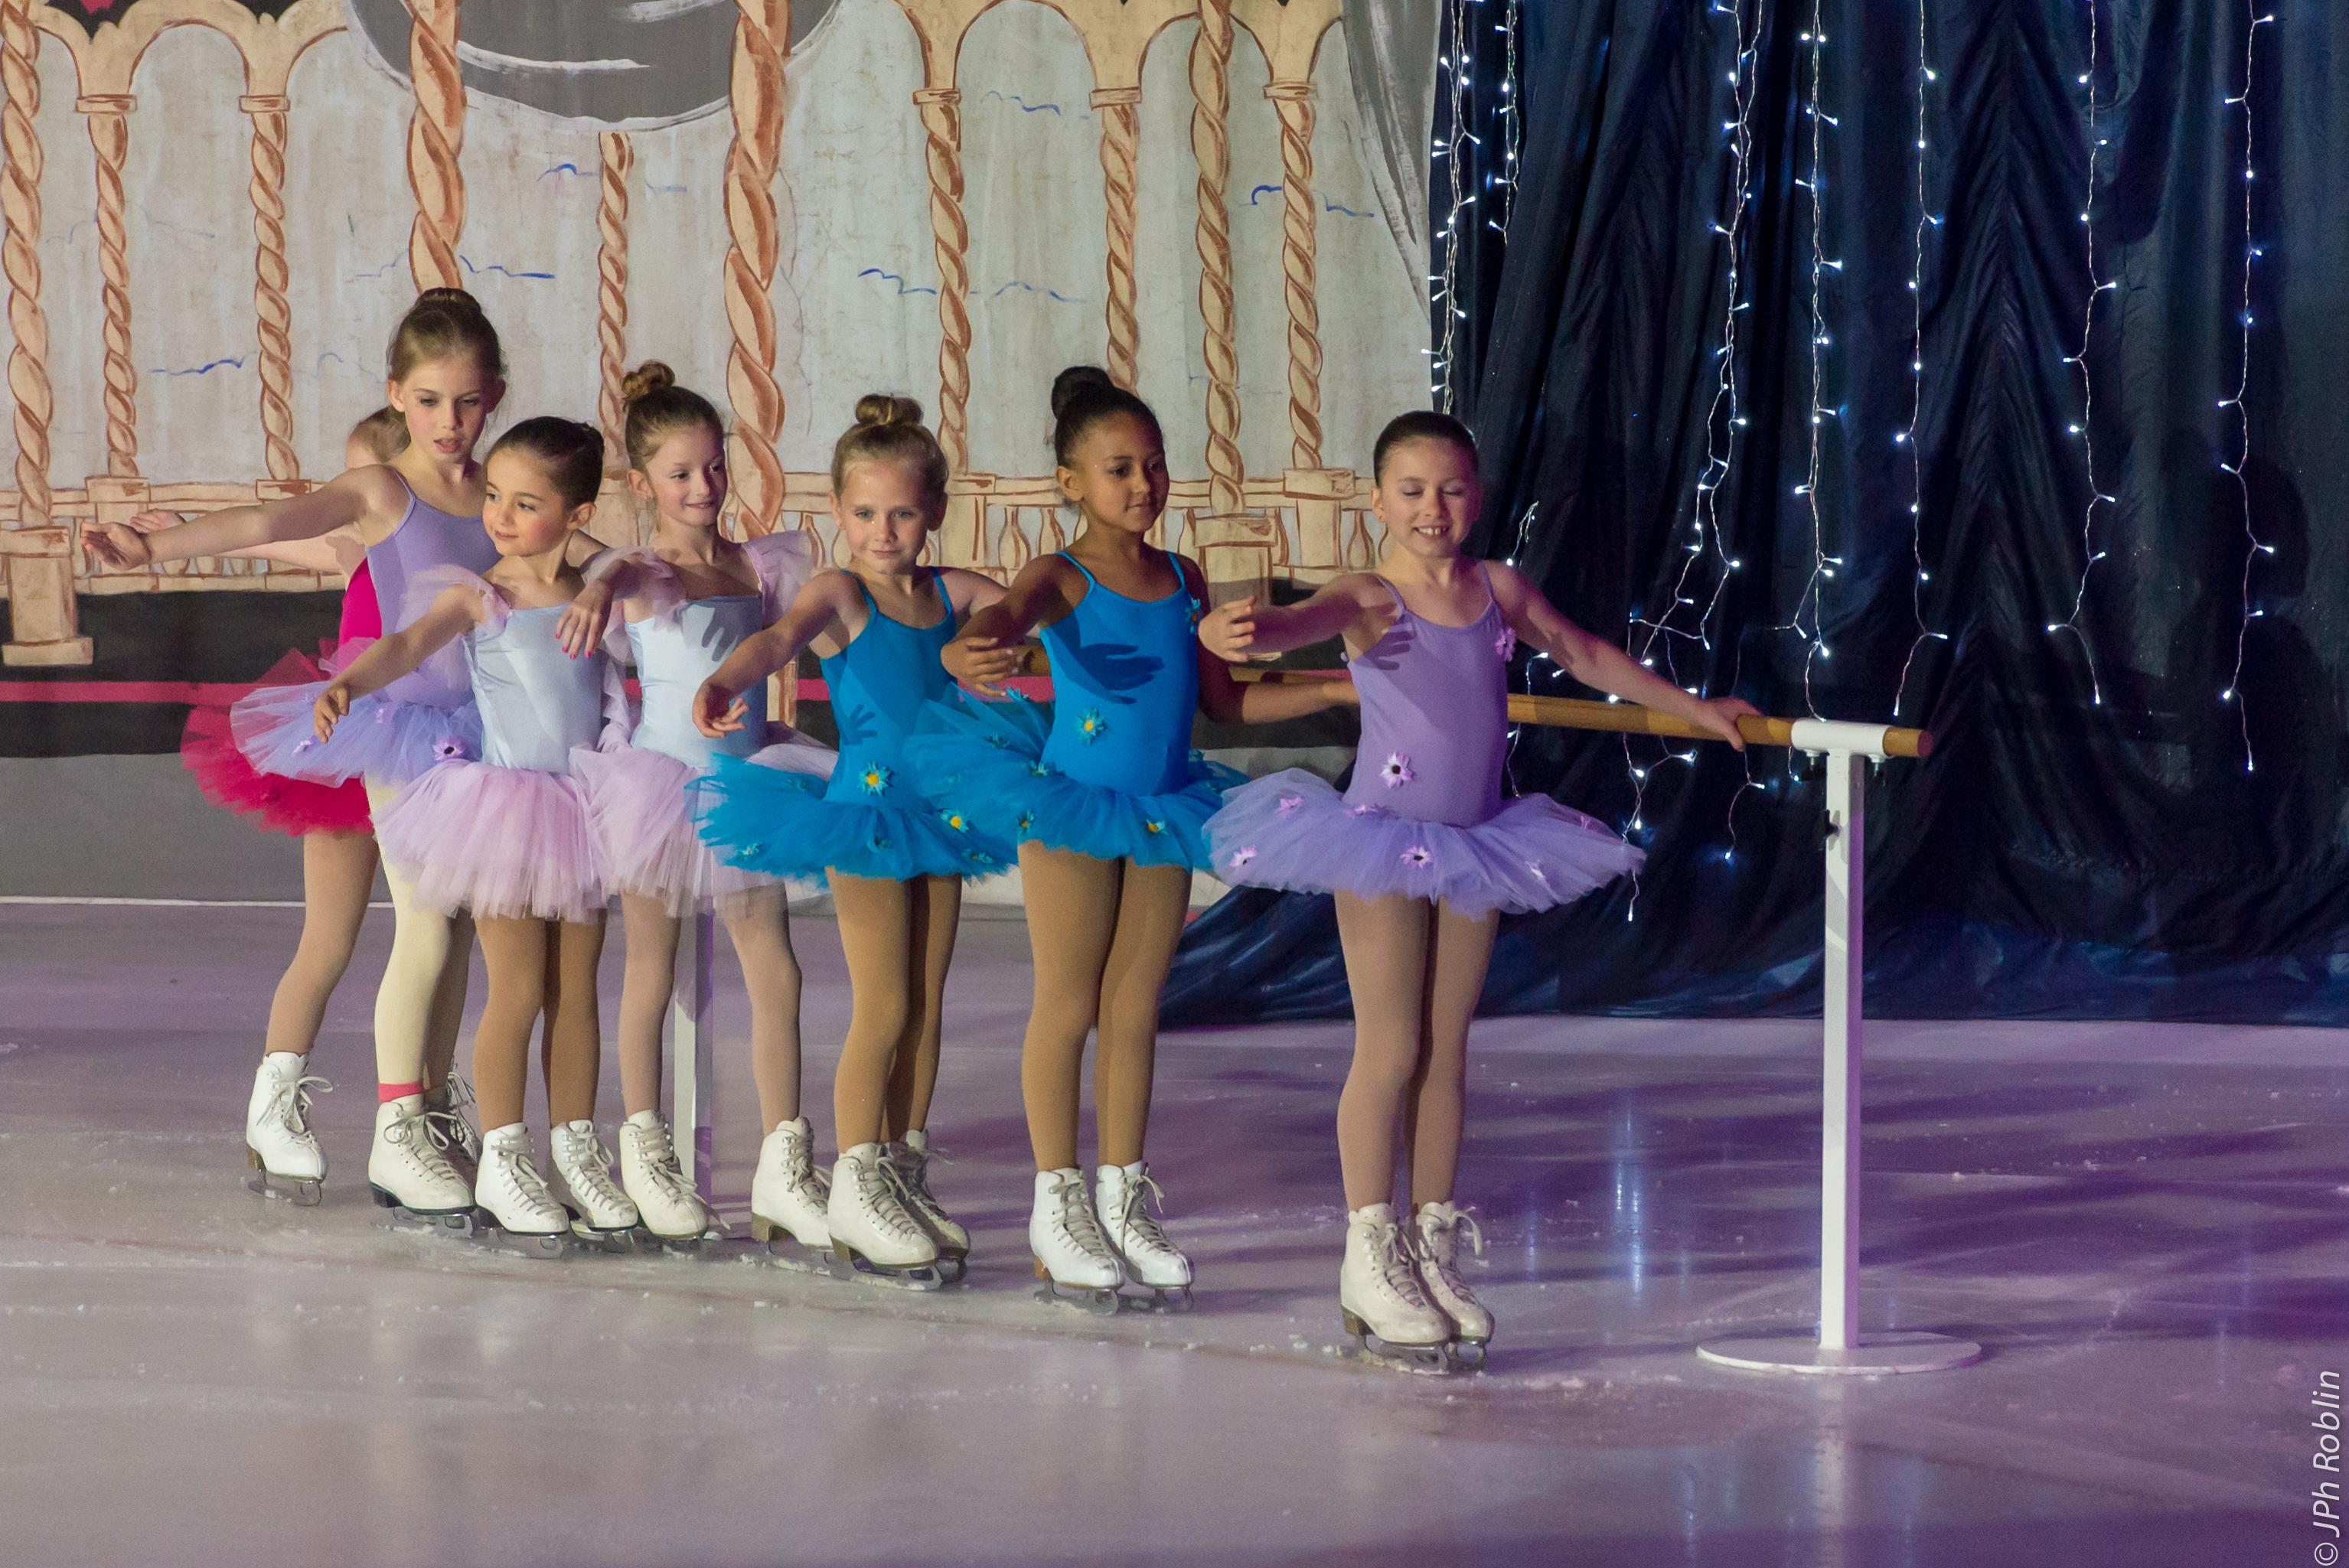 Les miss danseuses au gala 2017